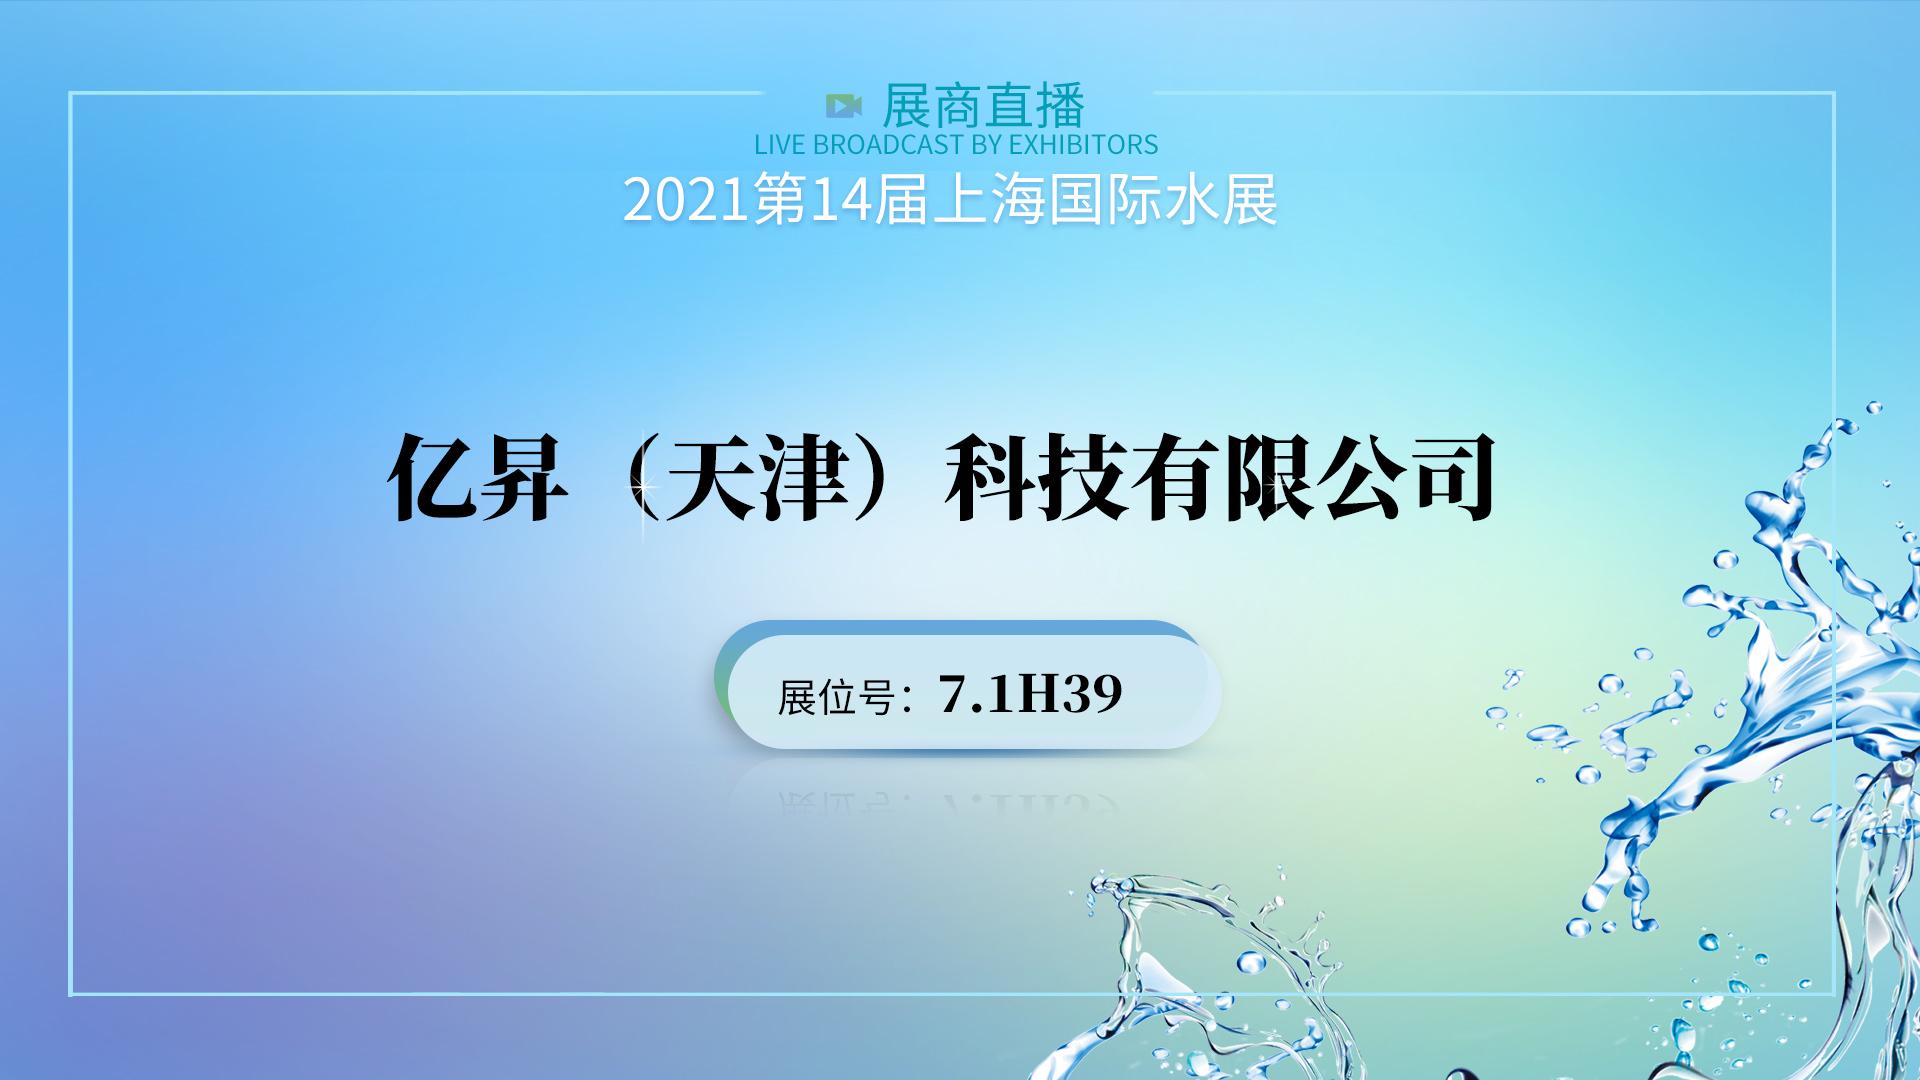 亿昇科技亮相2021世环会 7.1H739别错过!